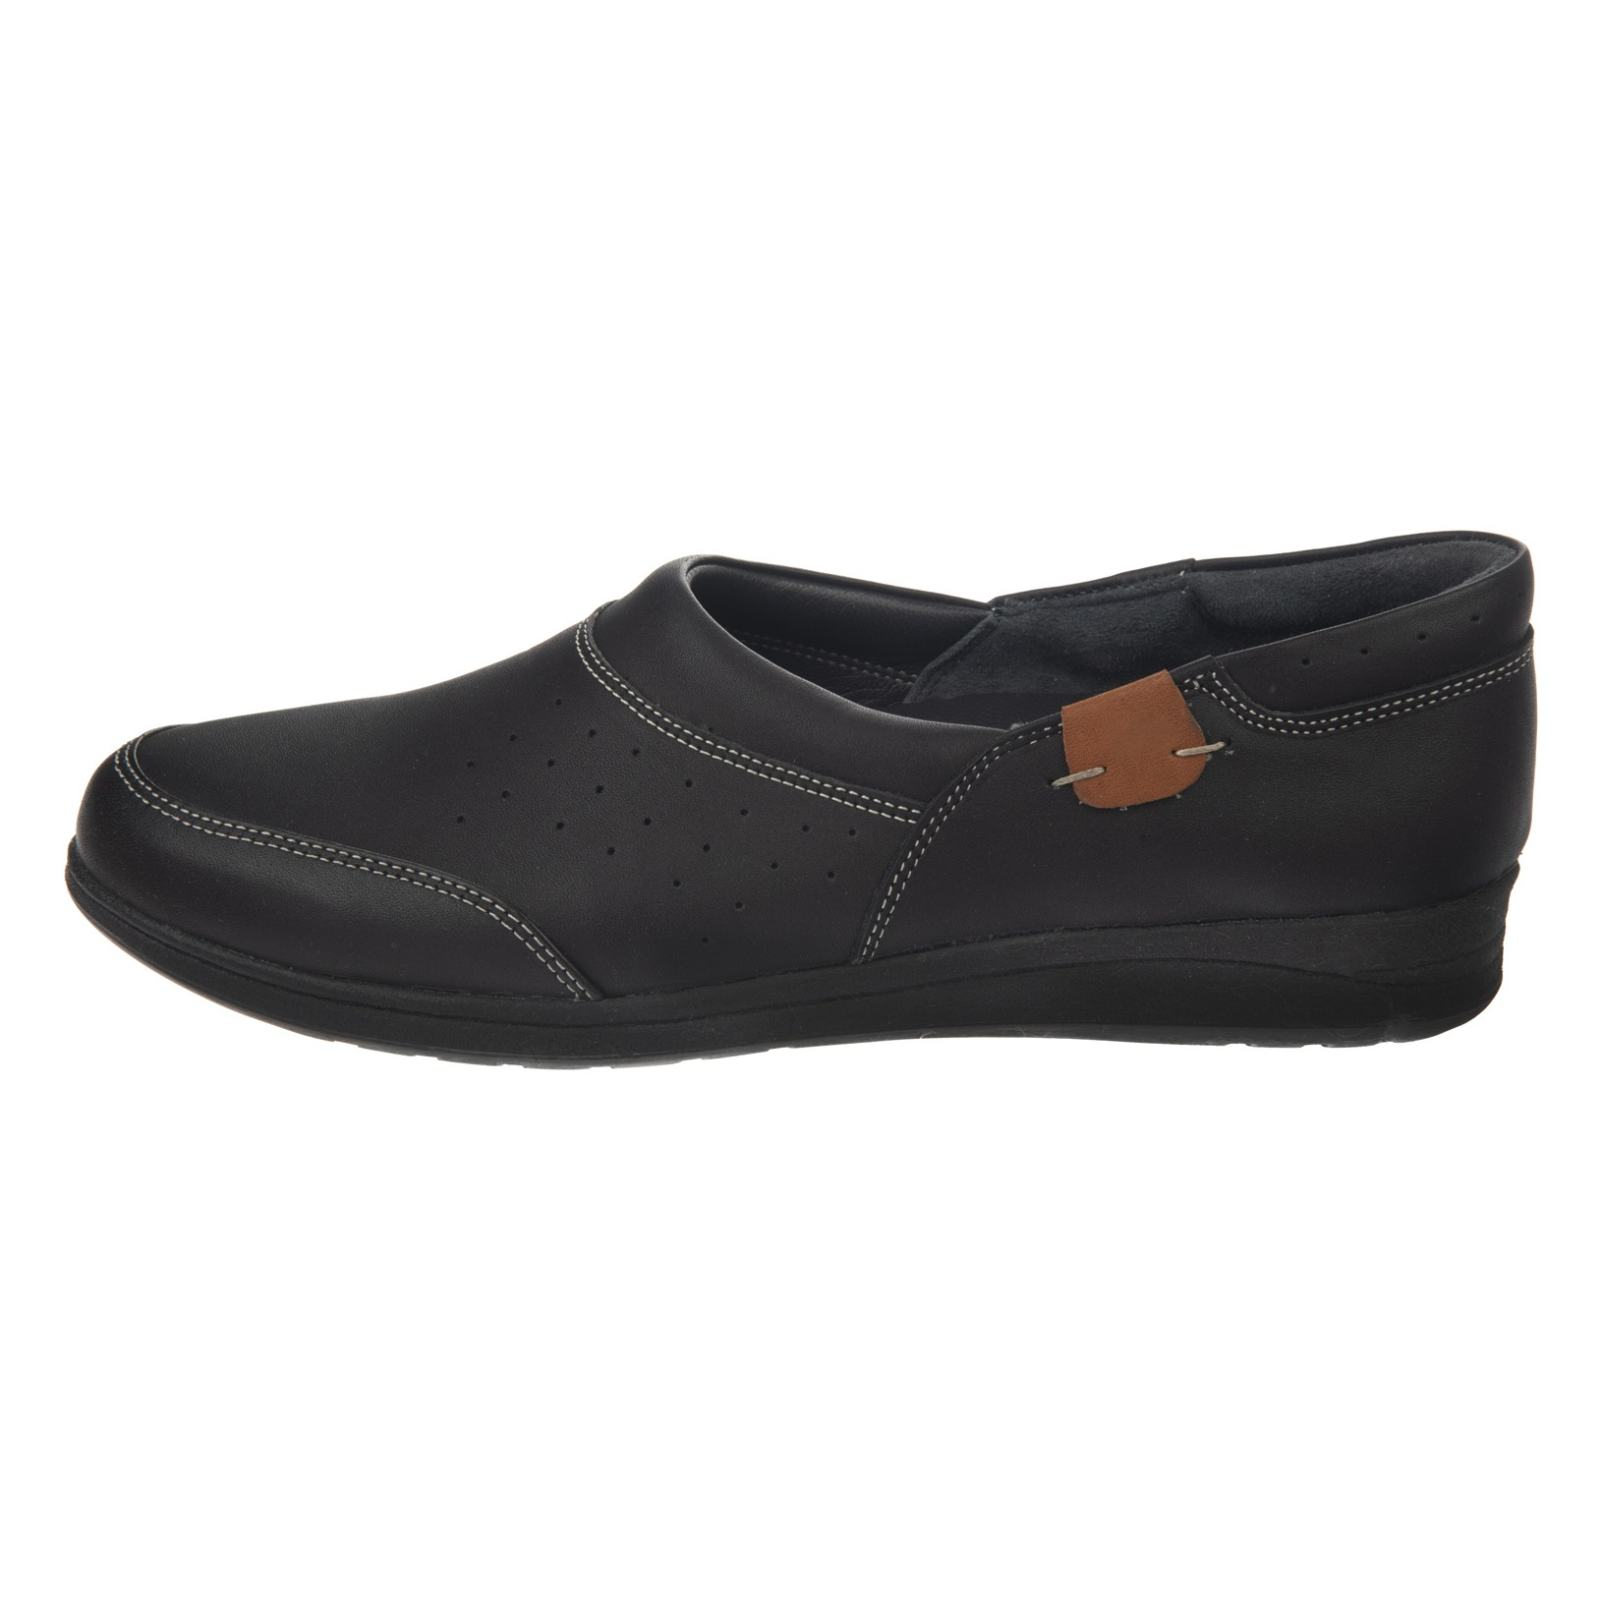 کفش روزمره زنانه شیفر مدل 5181B-101 main 1 1